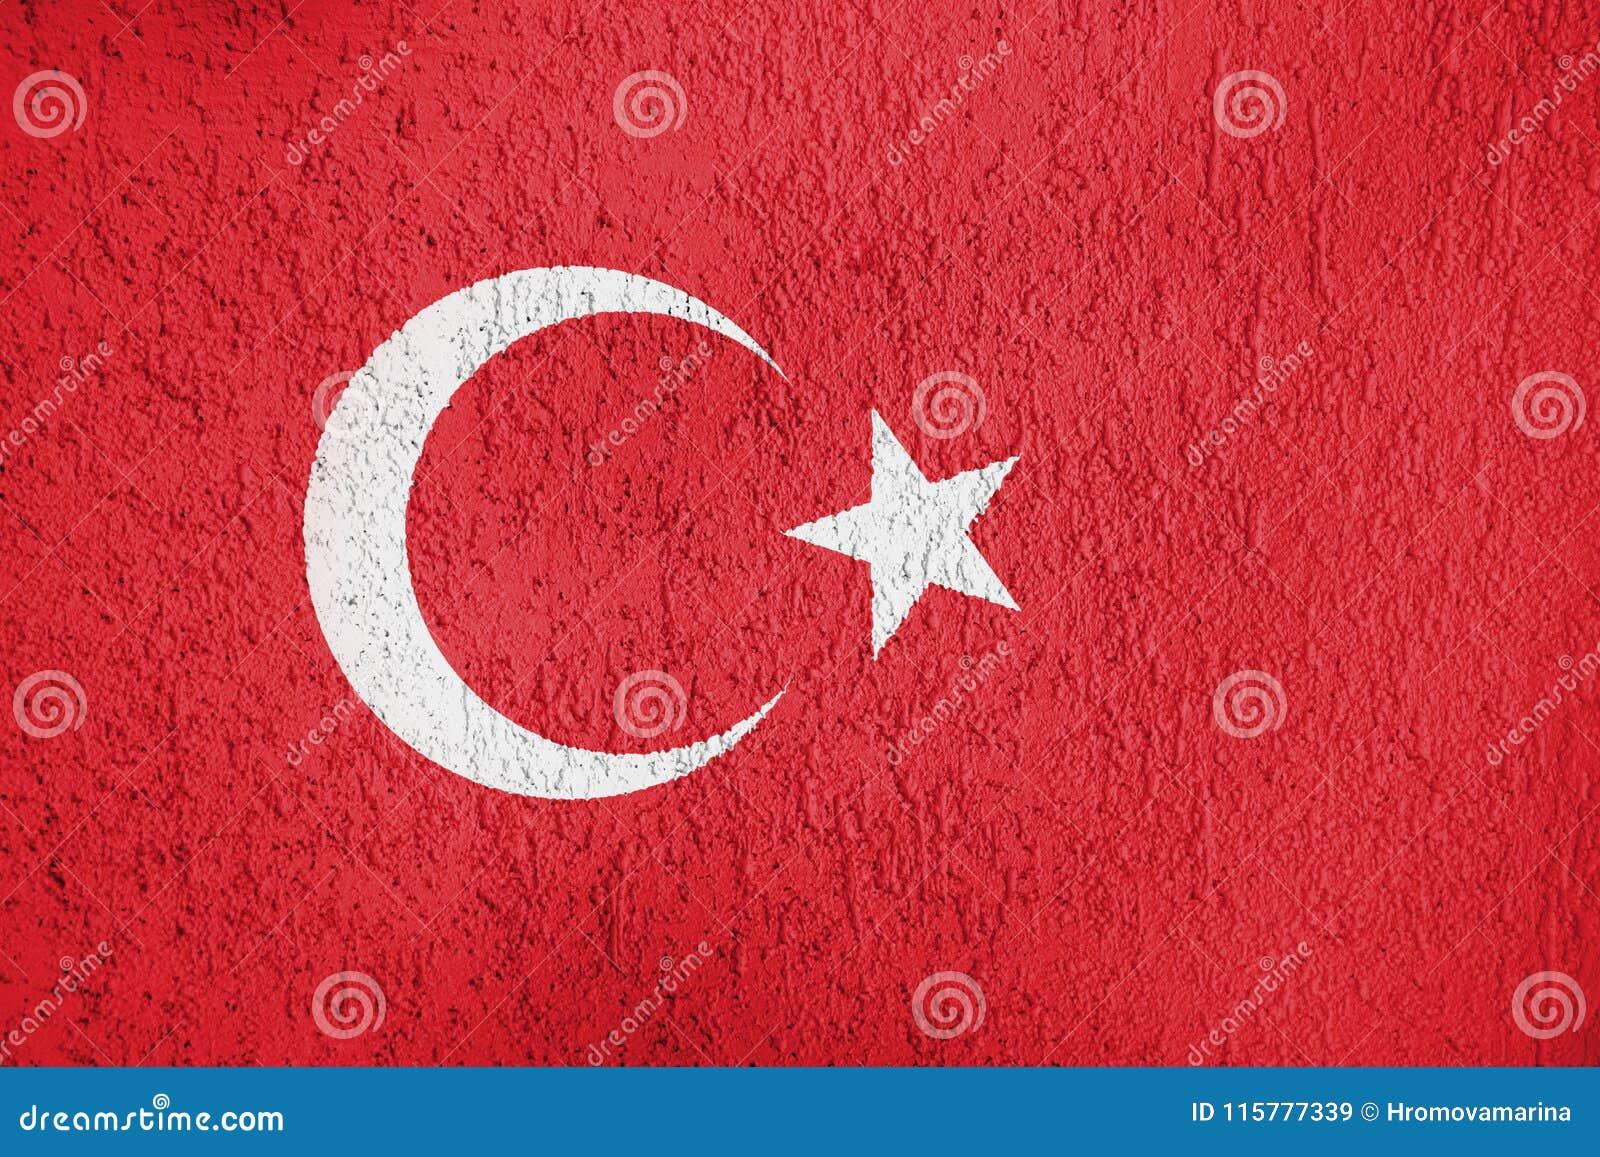 Texture of Turkey flag